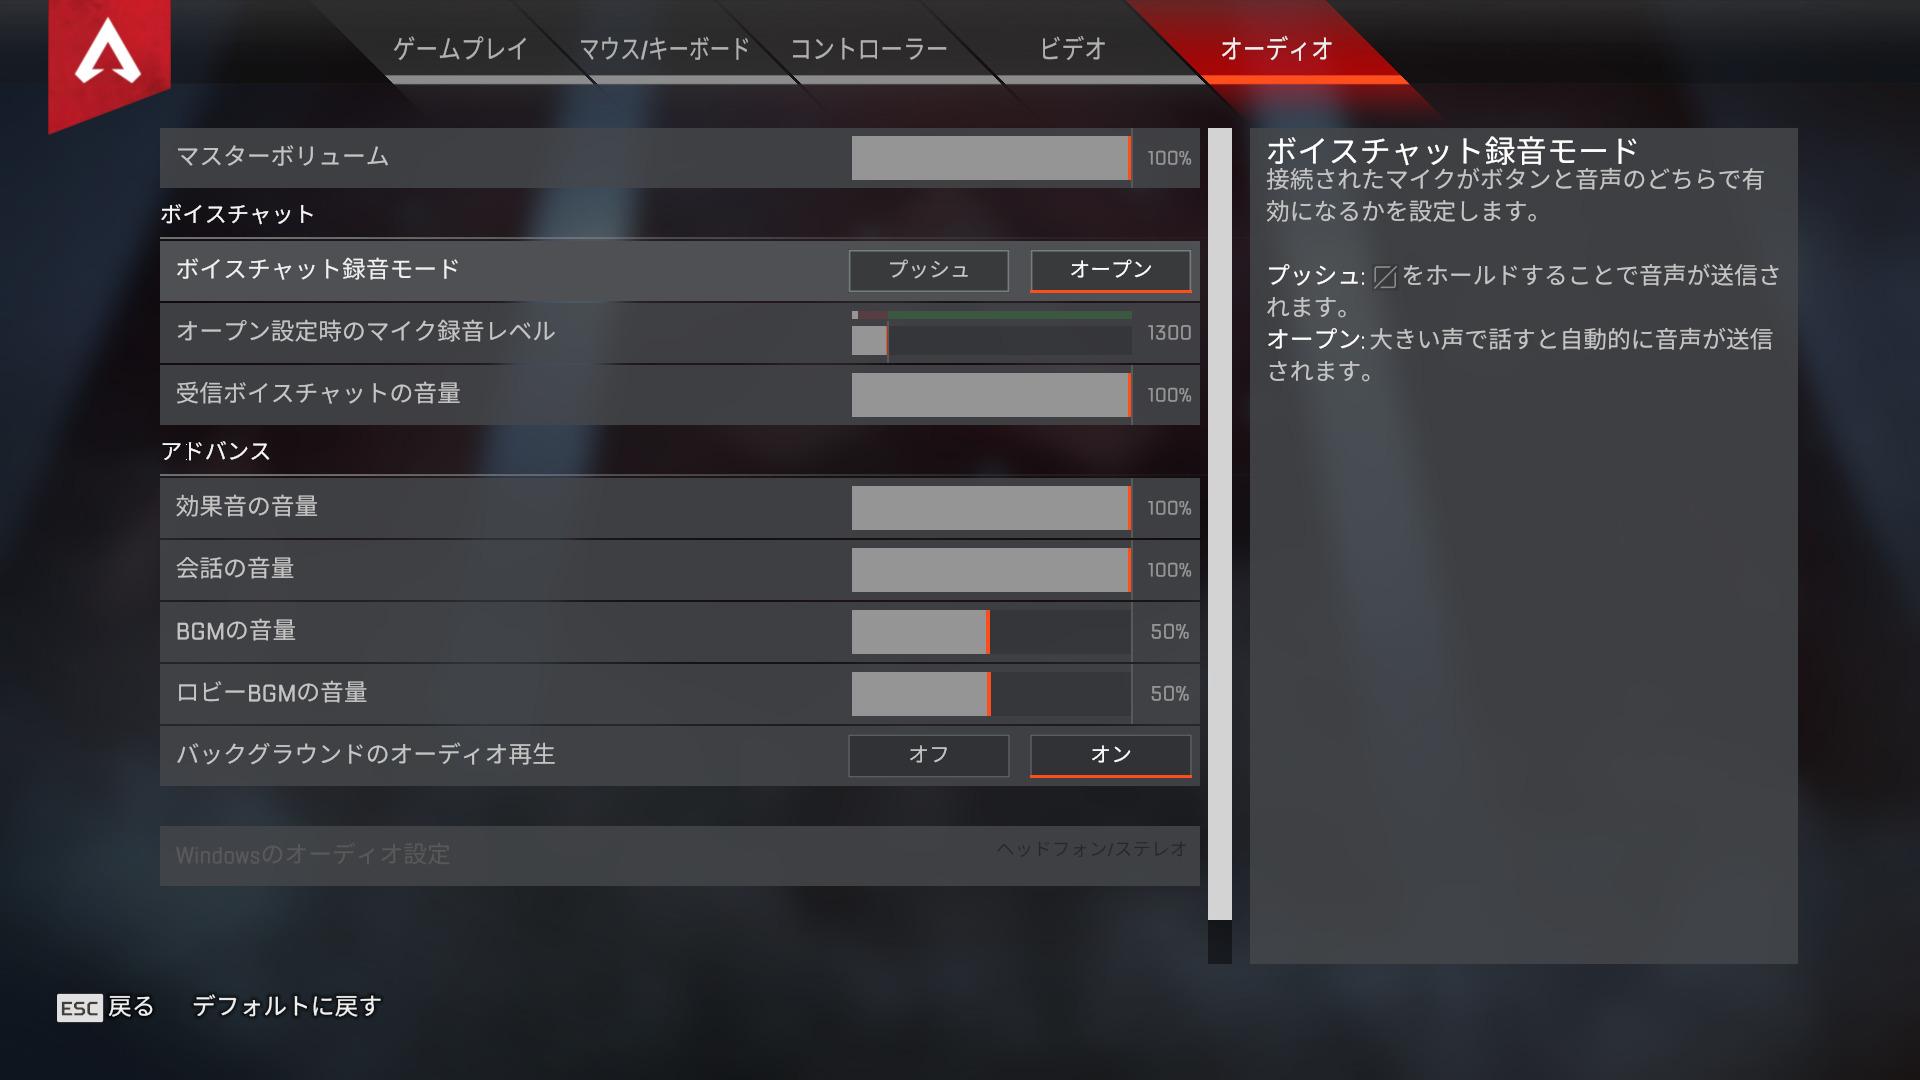 【PC版 Apex Legends】ボイスチャット(ボイチャ)ができないときの対処法!マイクが入らないときはゲーム内設定を見直そう